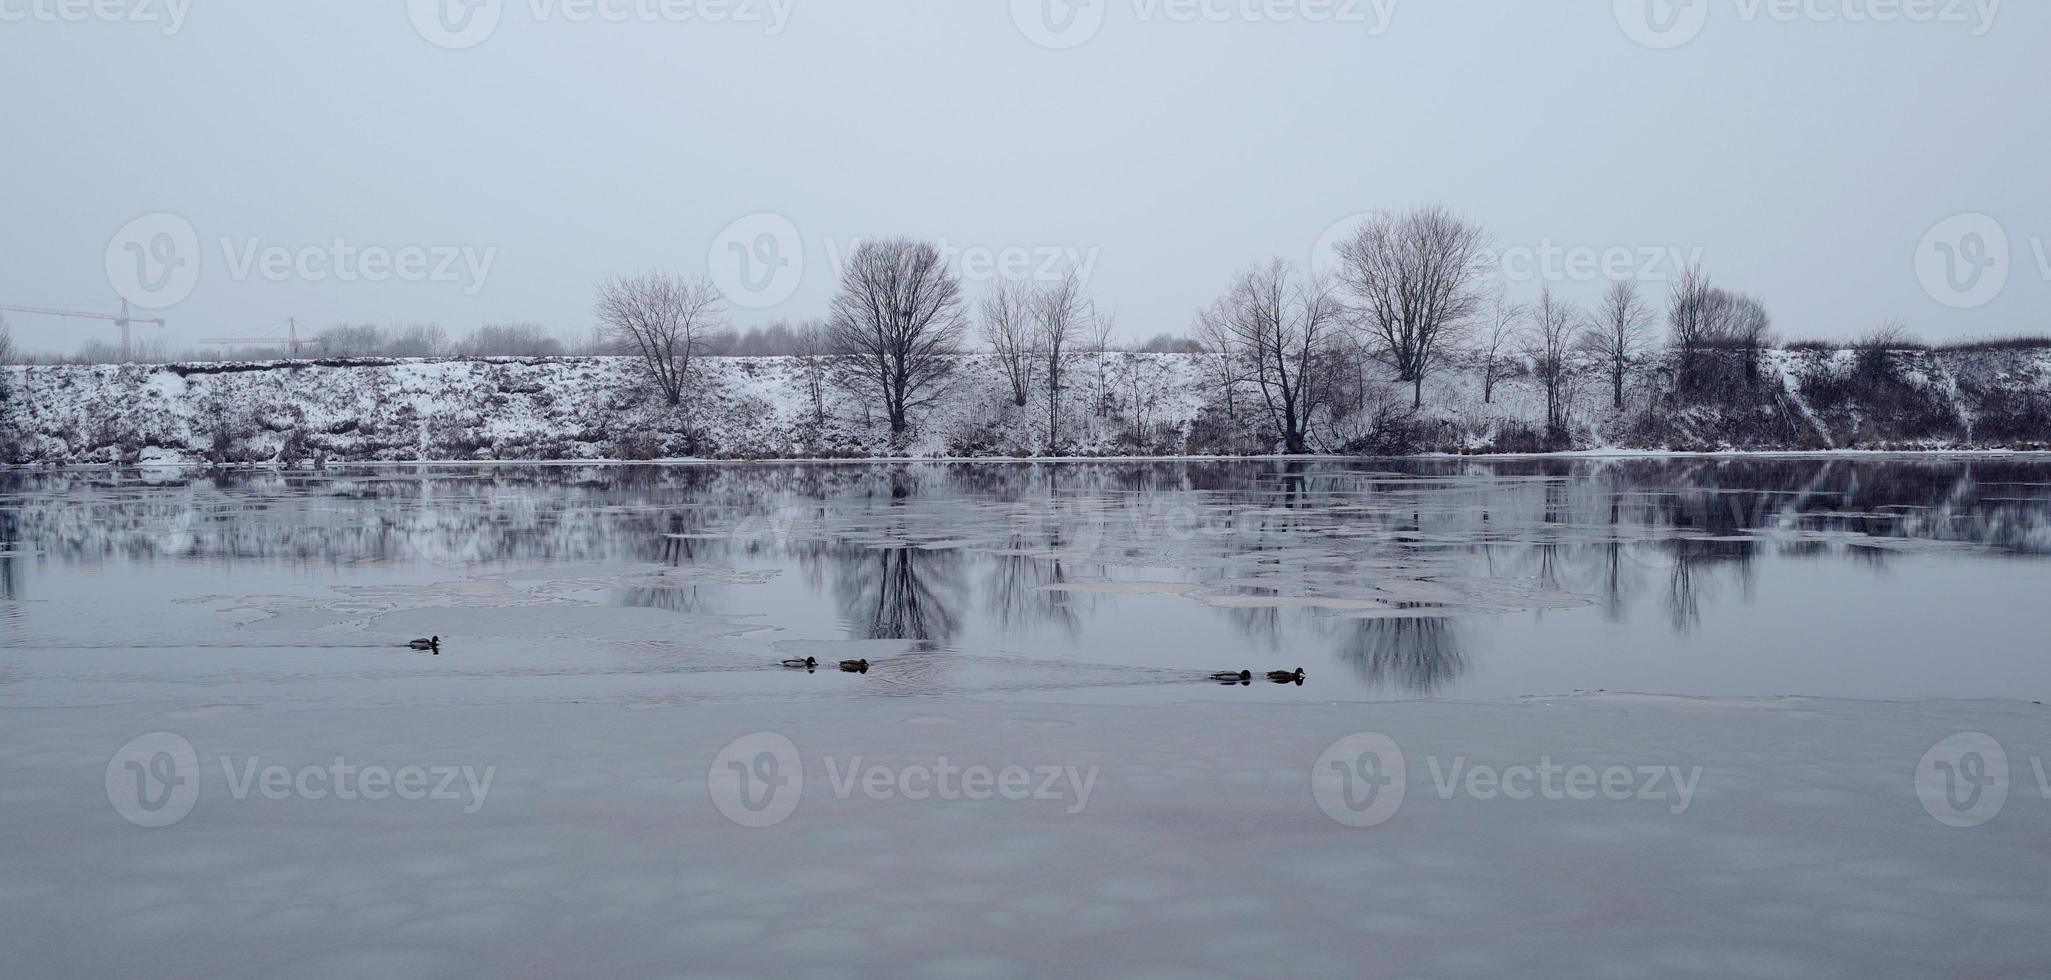 ankor simmar i det öppna vattnet i Moskva foto